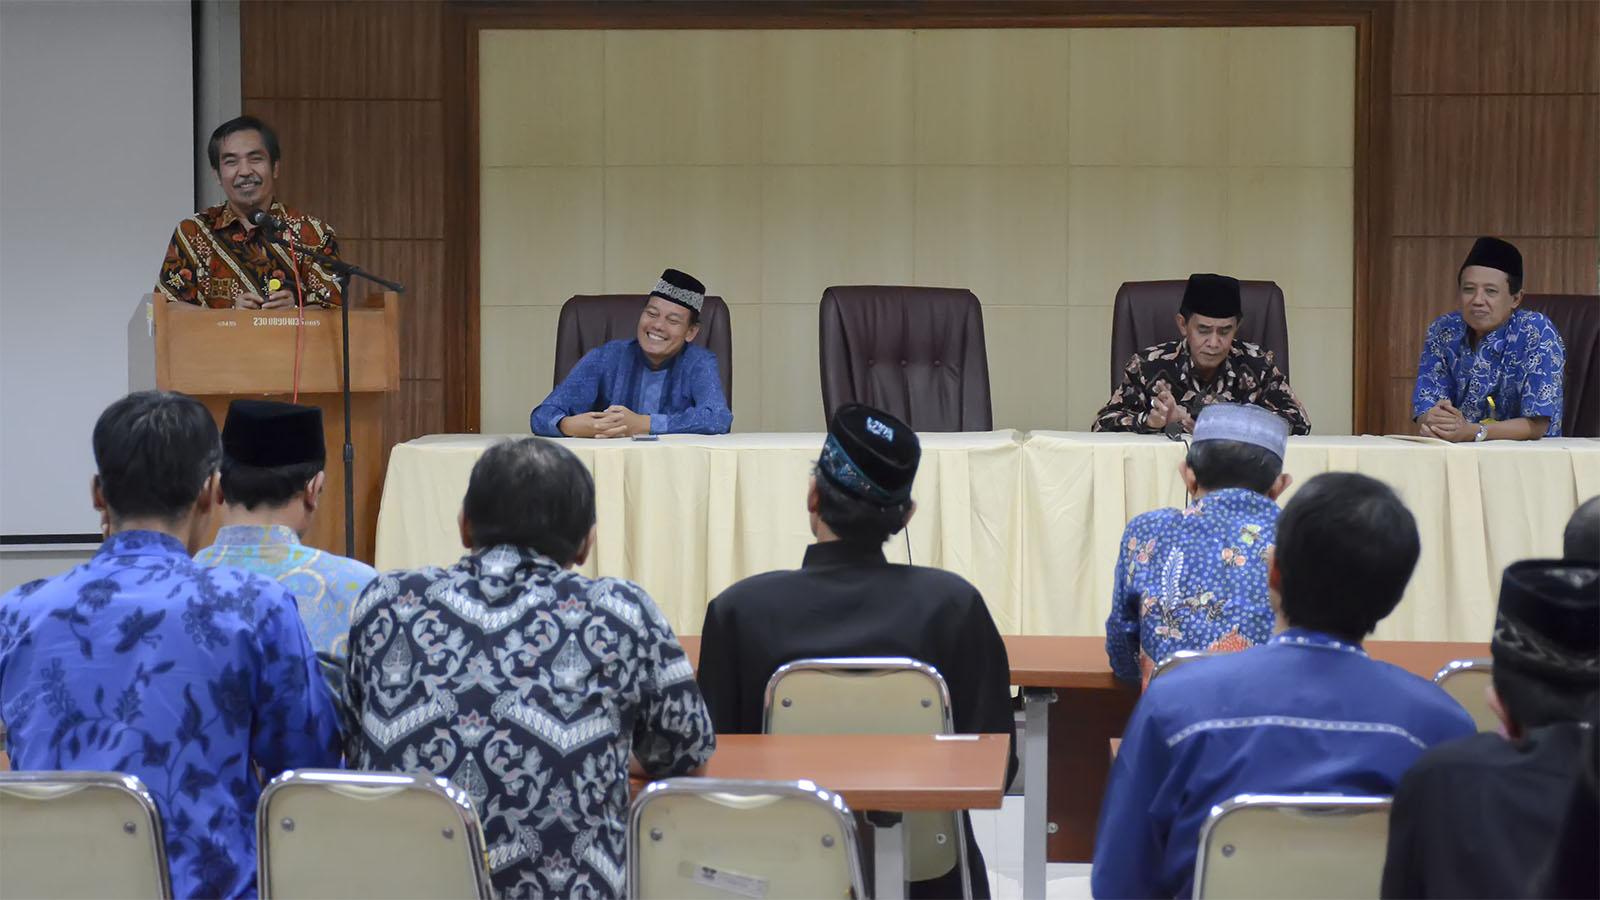 Buka bersama LP2M dan LP3, Eratkan Jalinan Silaturahmi di Bulan Istimewa